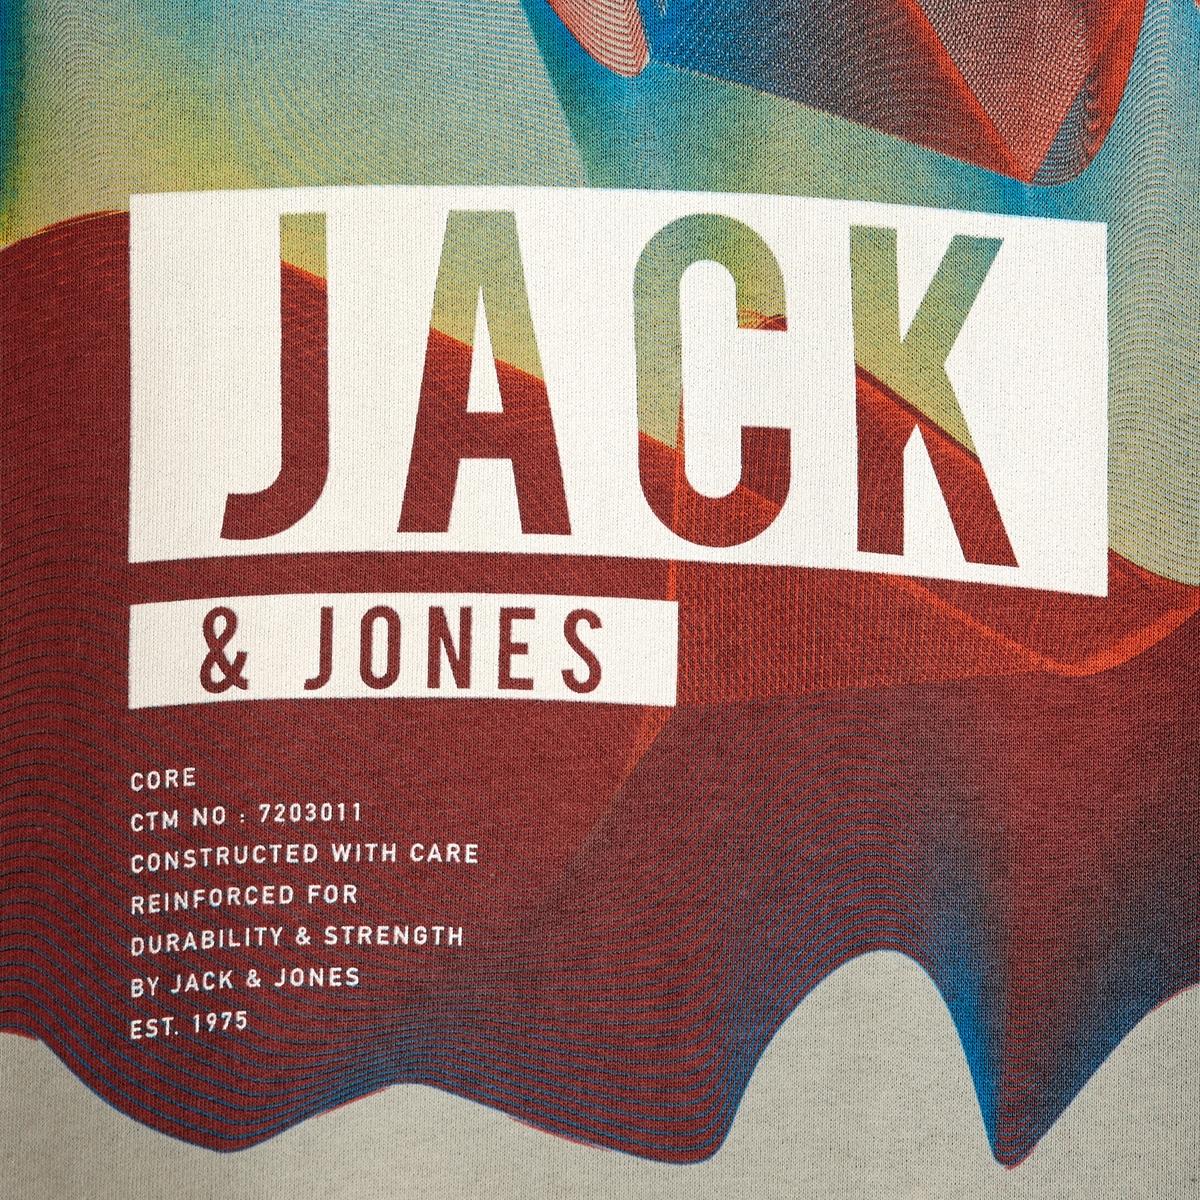 СвитшотСвитшот JACK &amp; JONES. Прямой покрой, круглый вырез. Края низа и рукавов связаны в рубчик. Состав и описание :Материал : 100% хлопкаМарка : JACK &amp; JONES.<br><br>Цвет: черный